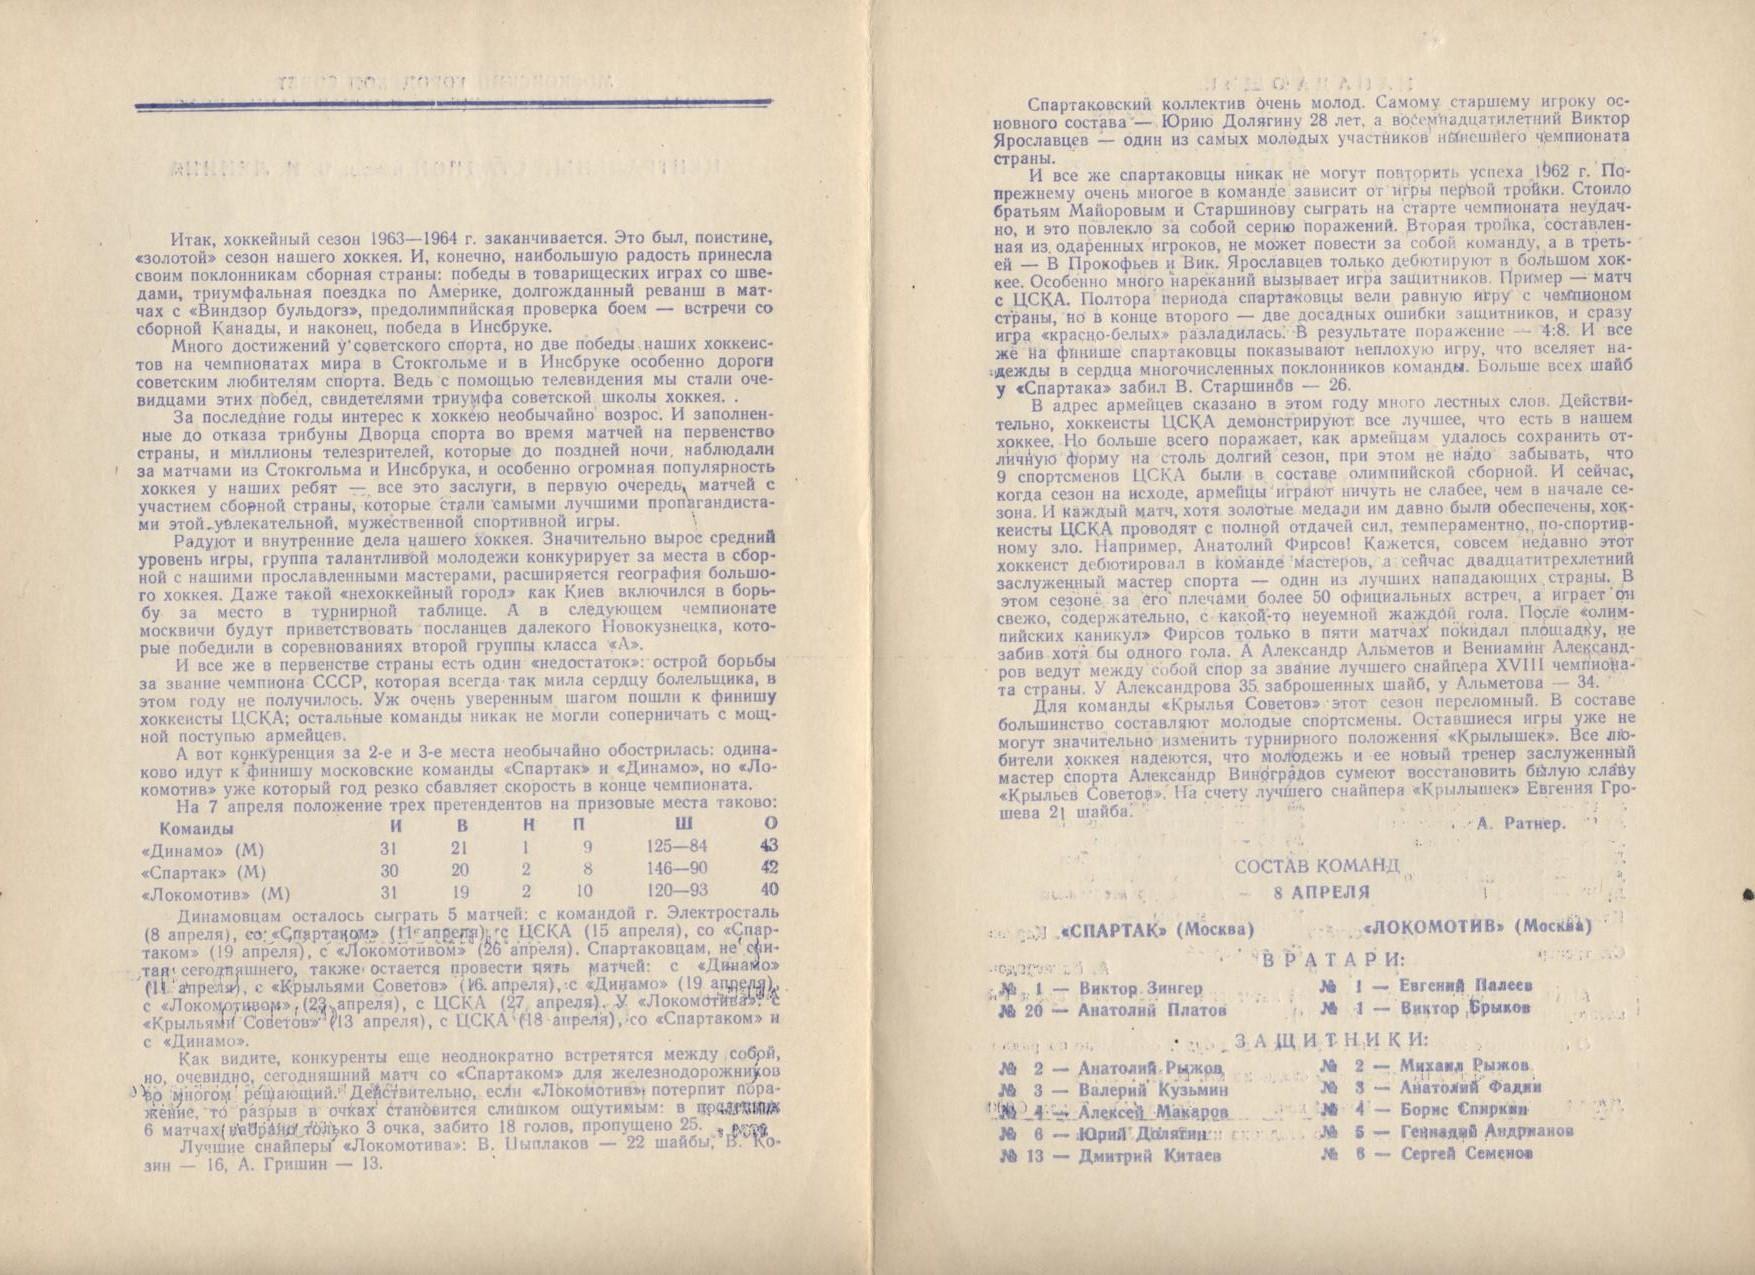 сезон 1963-1964 программки Спартак -Локомотив ЦСКА - Крылья 8-9 апреля-2.jpg